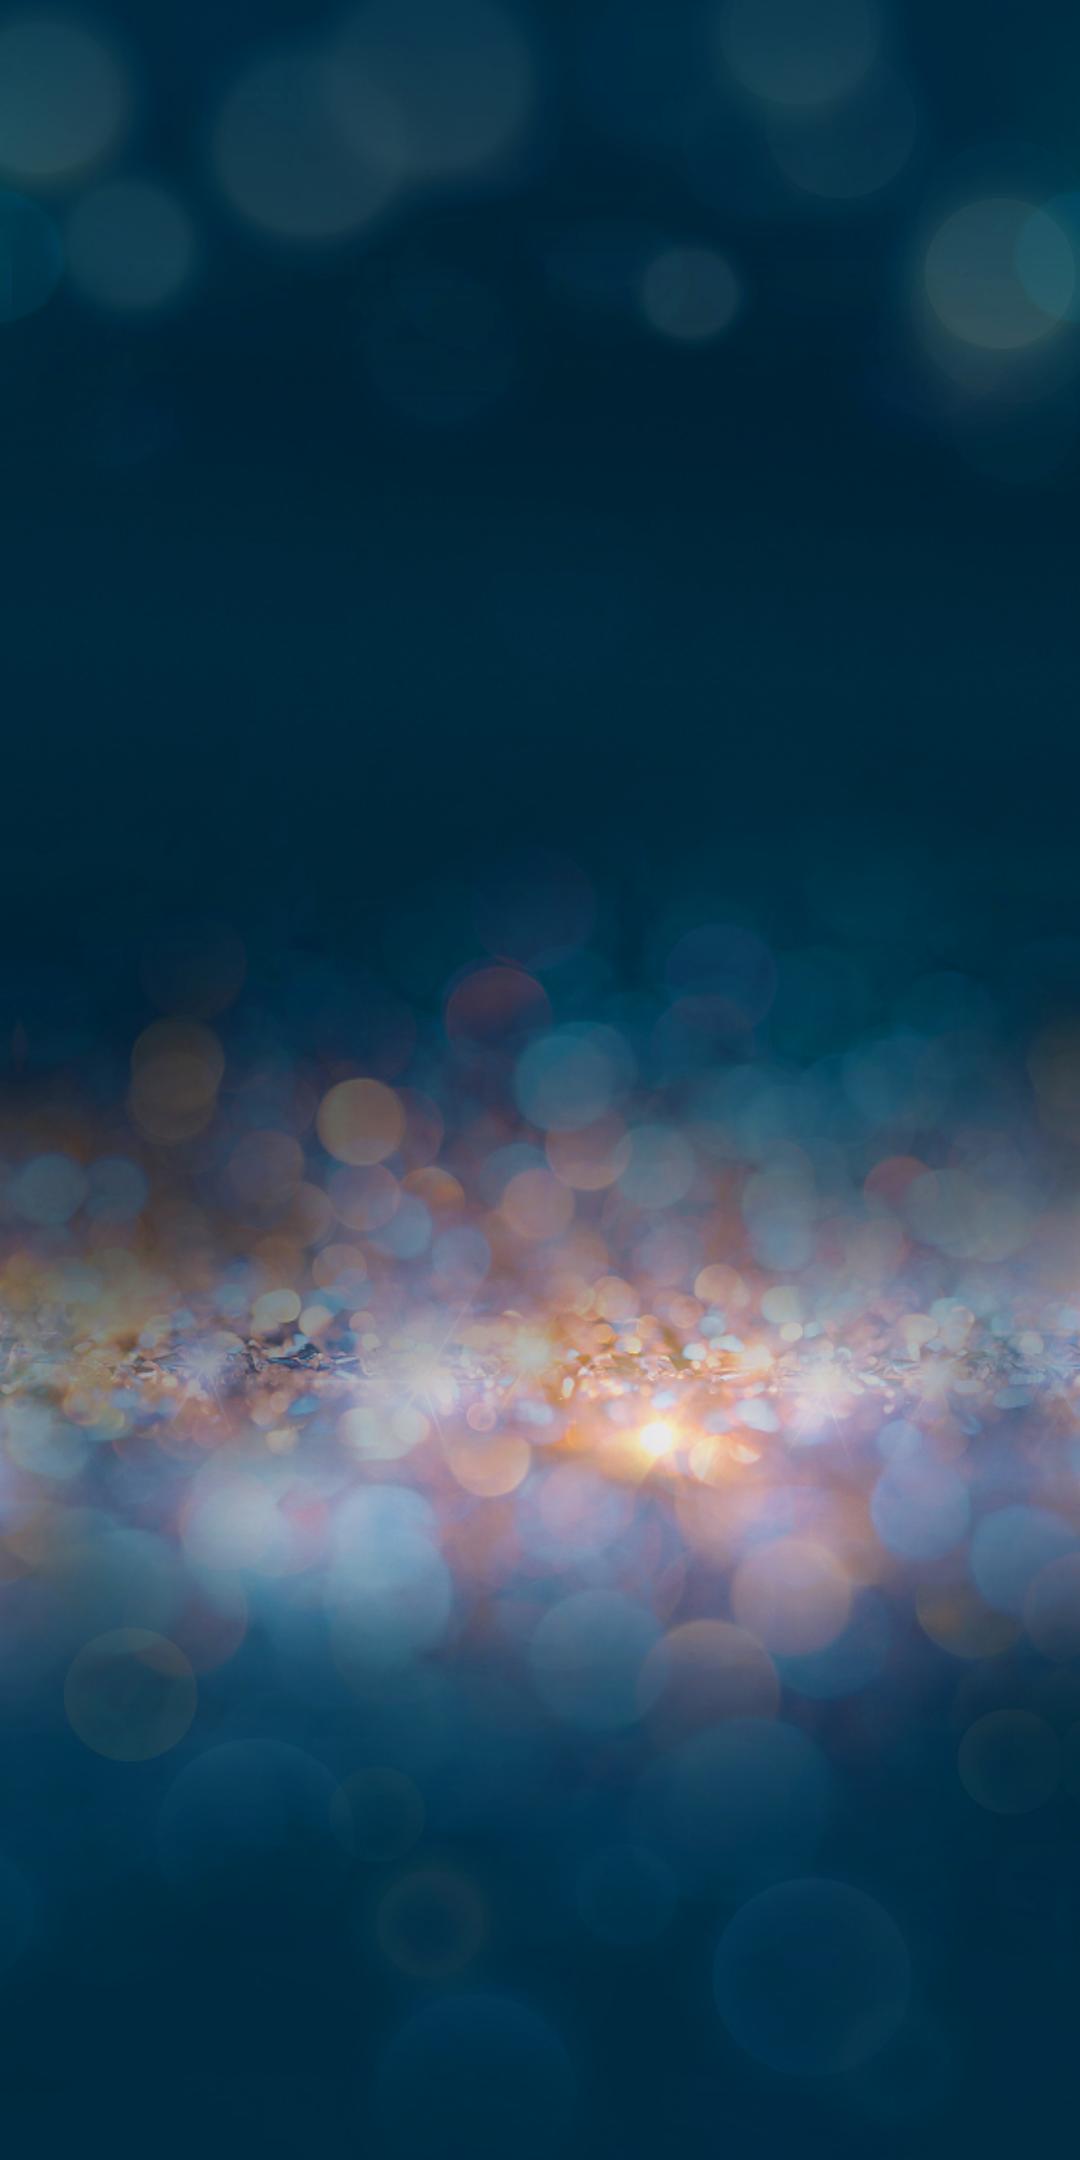 Mời tải về bộ ảnh nền mặc định của Huawei P20/ P20 Pro